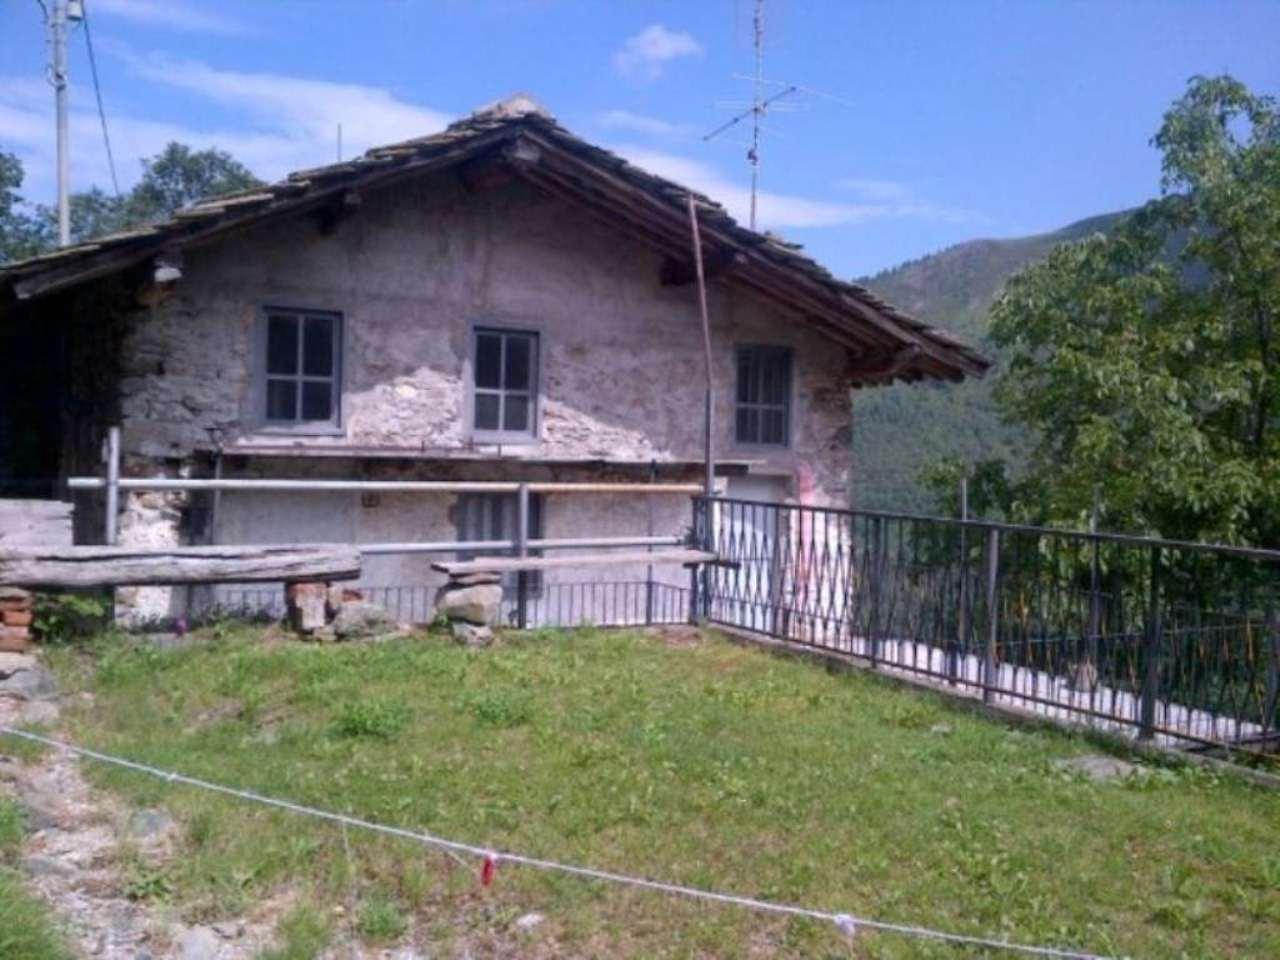 Rustico / Casale in vendita a Coazze, 6 locali, prezzo € 52.000 | Cambio Casa.it